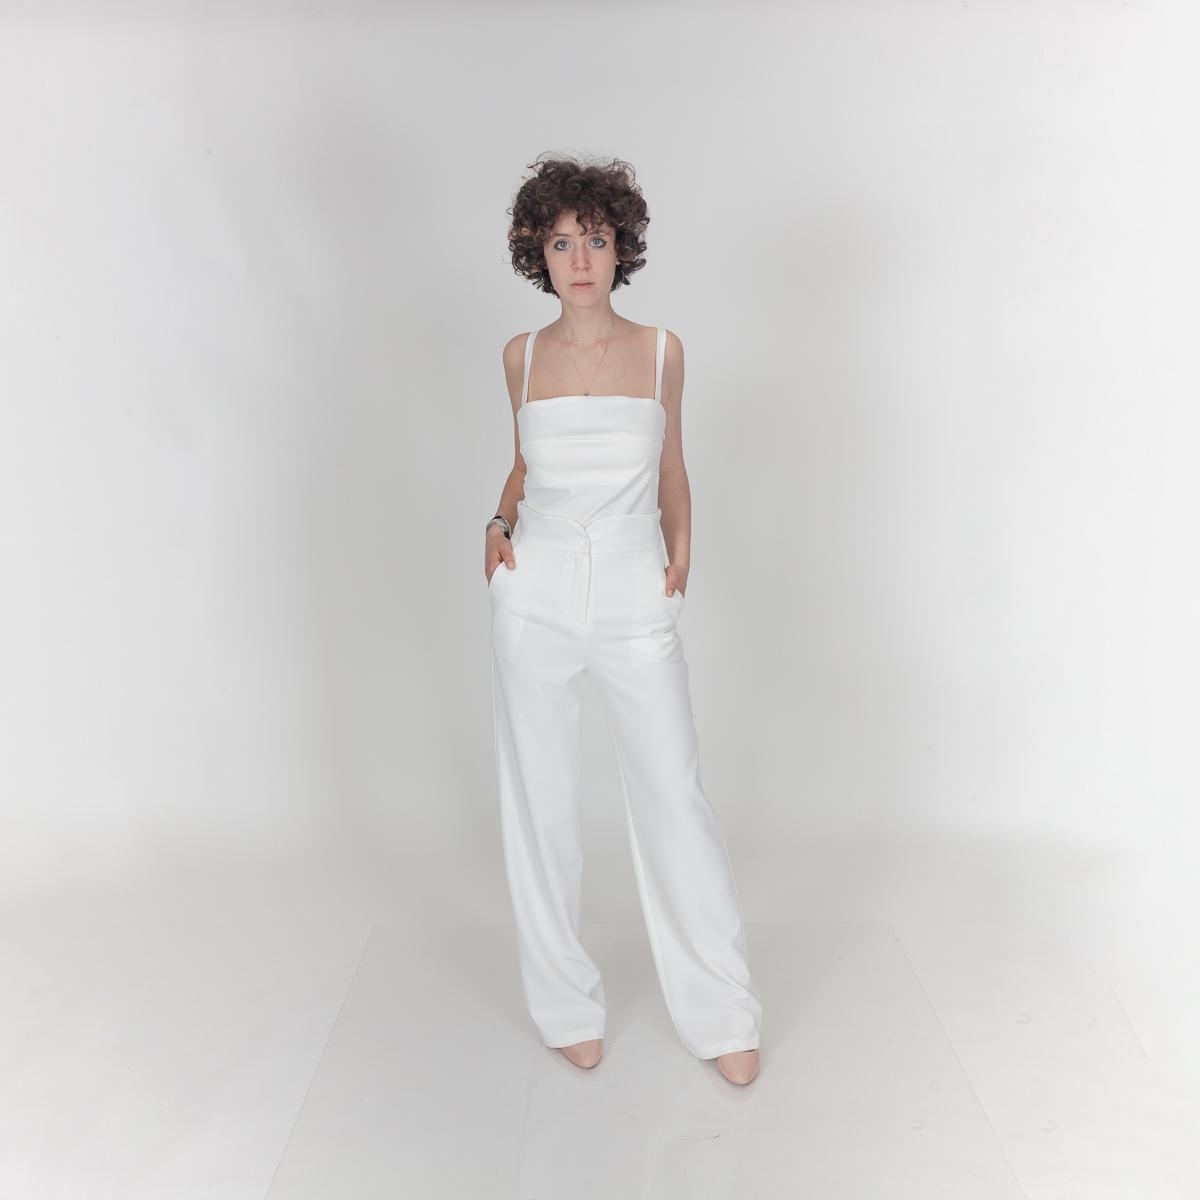 Tops Femme Blanc Yours Paris 0614300 #c eFashion Paris